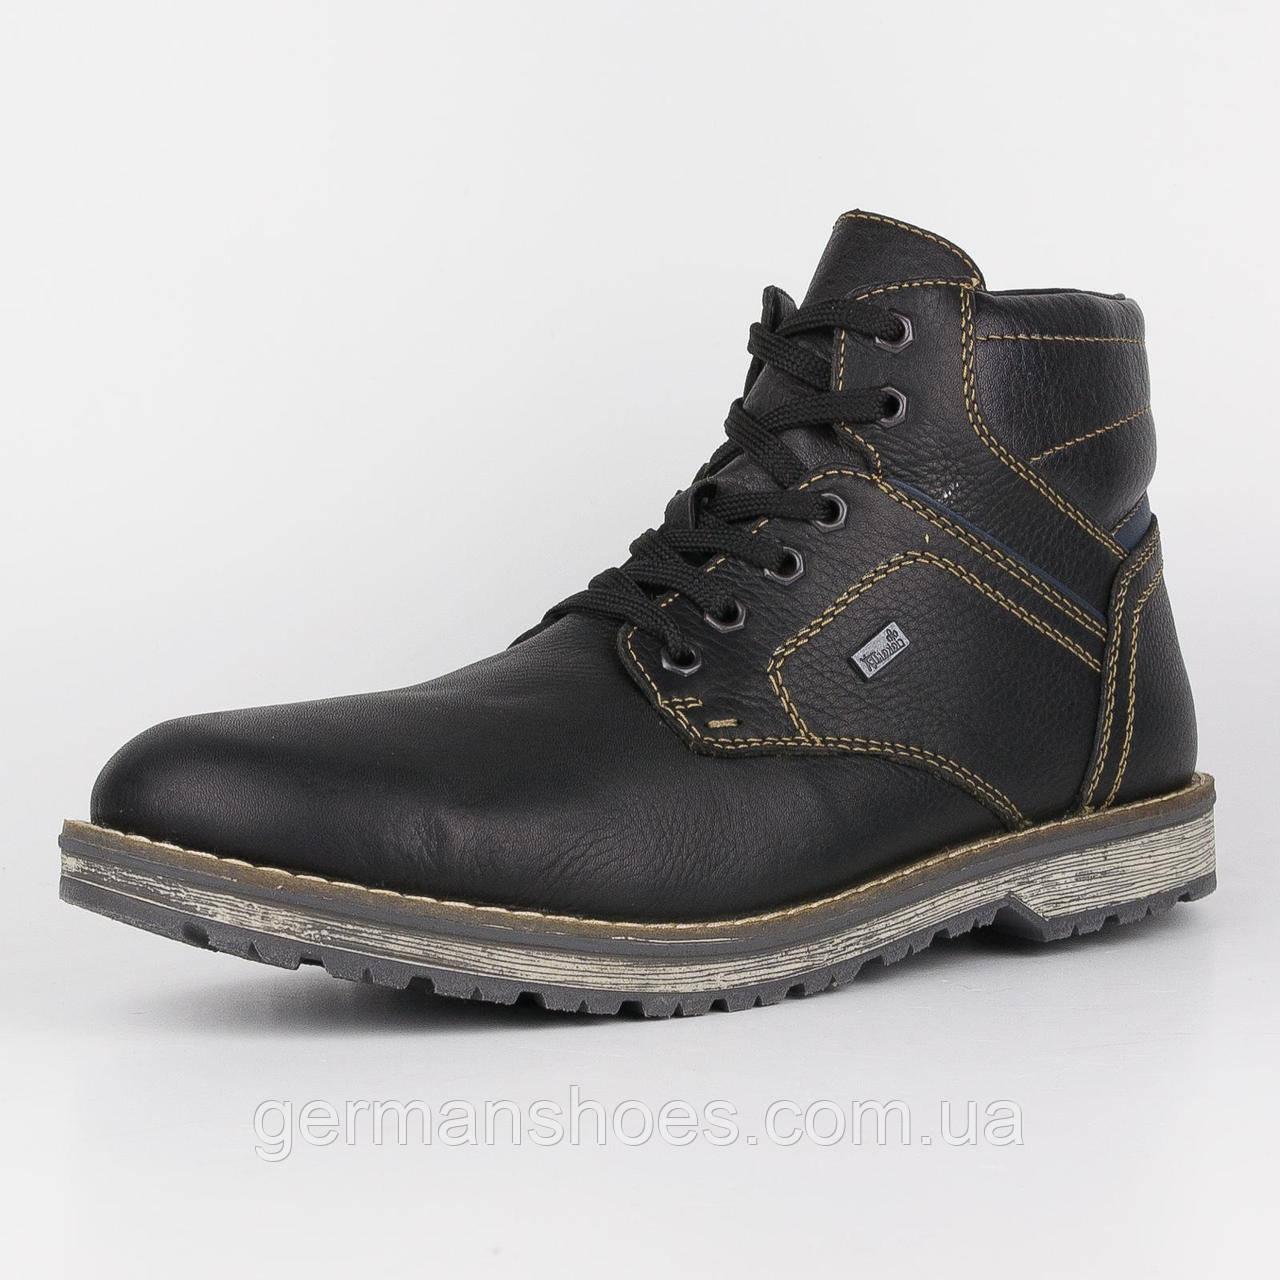 Ботинки мужские Rieker 39223-00